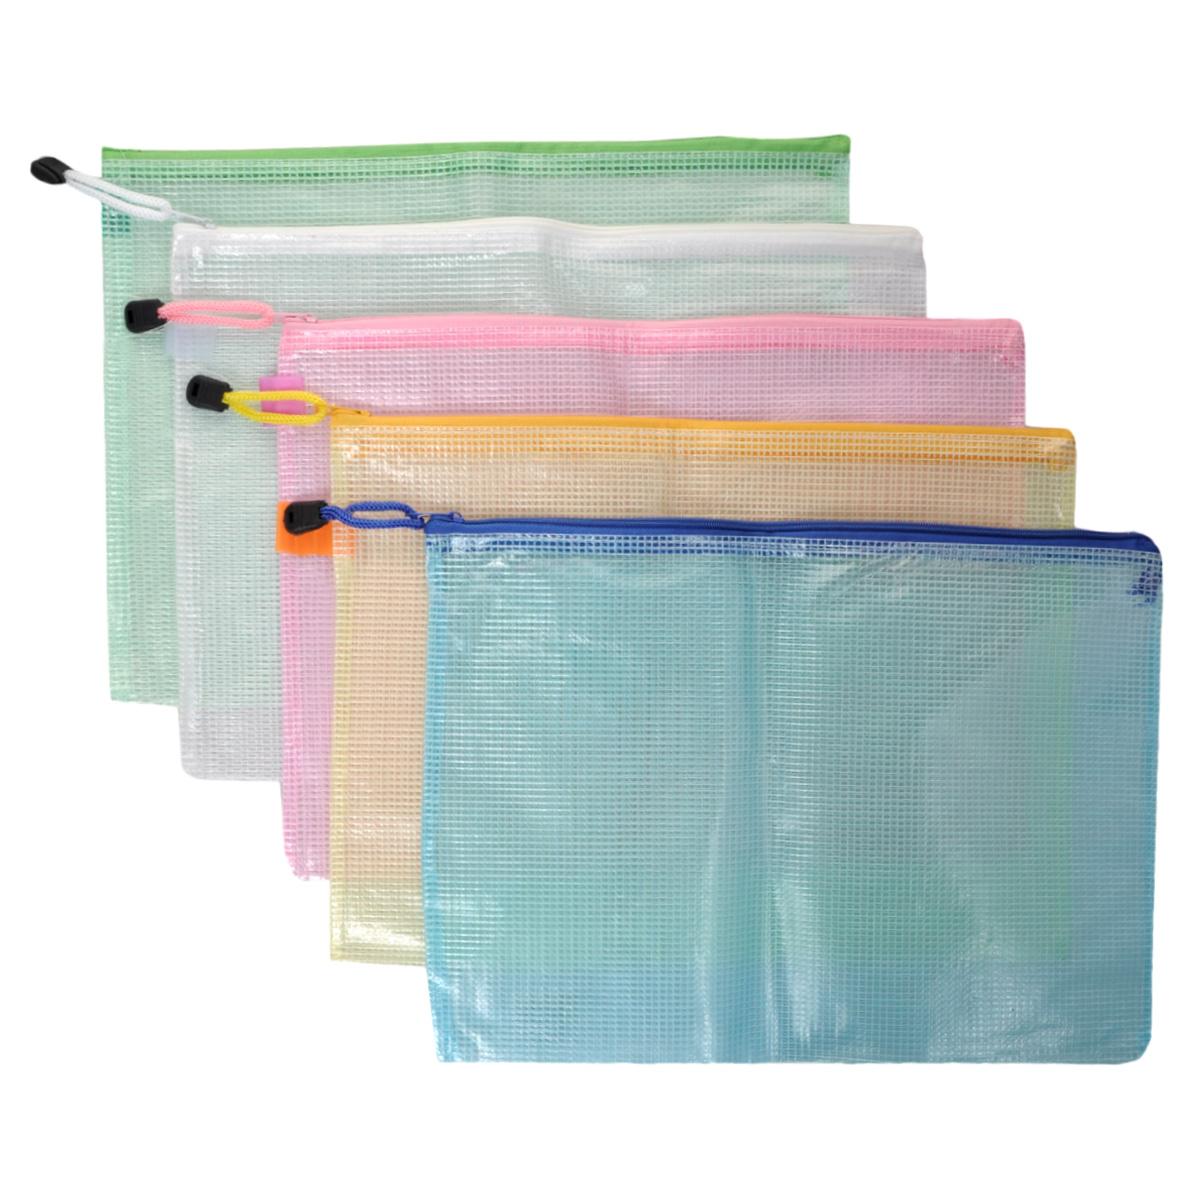 Папка на молнии Centrum, цвет: зеленый, белый, розовый, желтый, голубой. Формат А4, 5 шт80033ООригинальная папка Centrum - это удобный и функциональный инструмент, который идеально подойдет для хранения различных бумаг и документов формата А4, а также письменных принадлежностей. Папка изготовлена из прочного армированного ПВХ и надежно закрывается на застежку-молнию. Для облегчения хранения и транспортировки папка снабжена шнурком с пластиковым ограничителем. Комплект включает в себя 5 папок зеленого, белого, розового, желтого и голубого цветов. Такая папка практична в использовании и надежно сохранит ваши бумаги, сбережет их от повреждений, пыли и влаги.